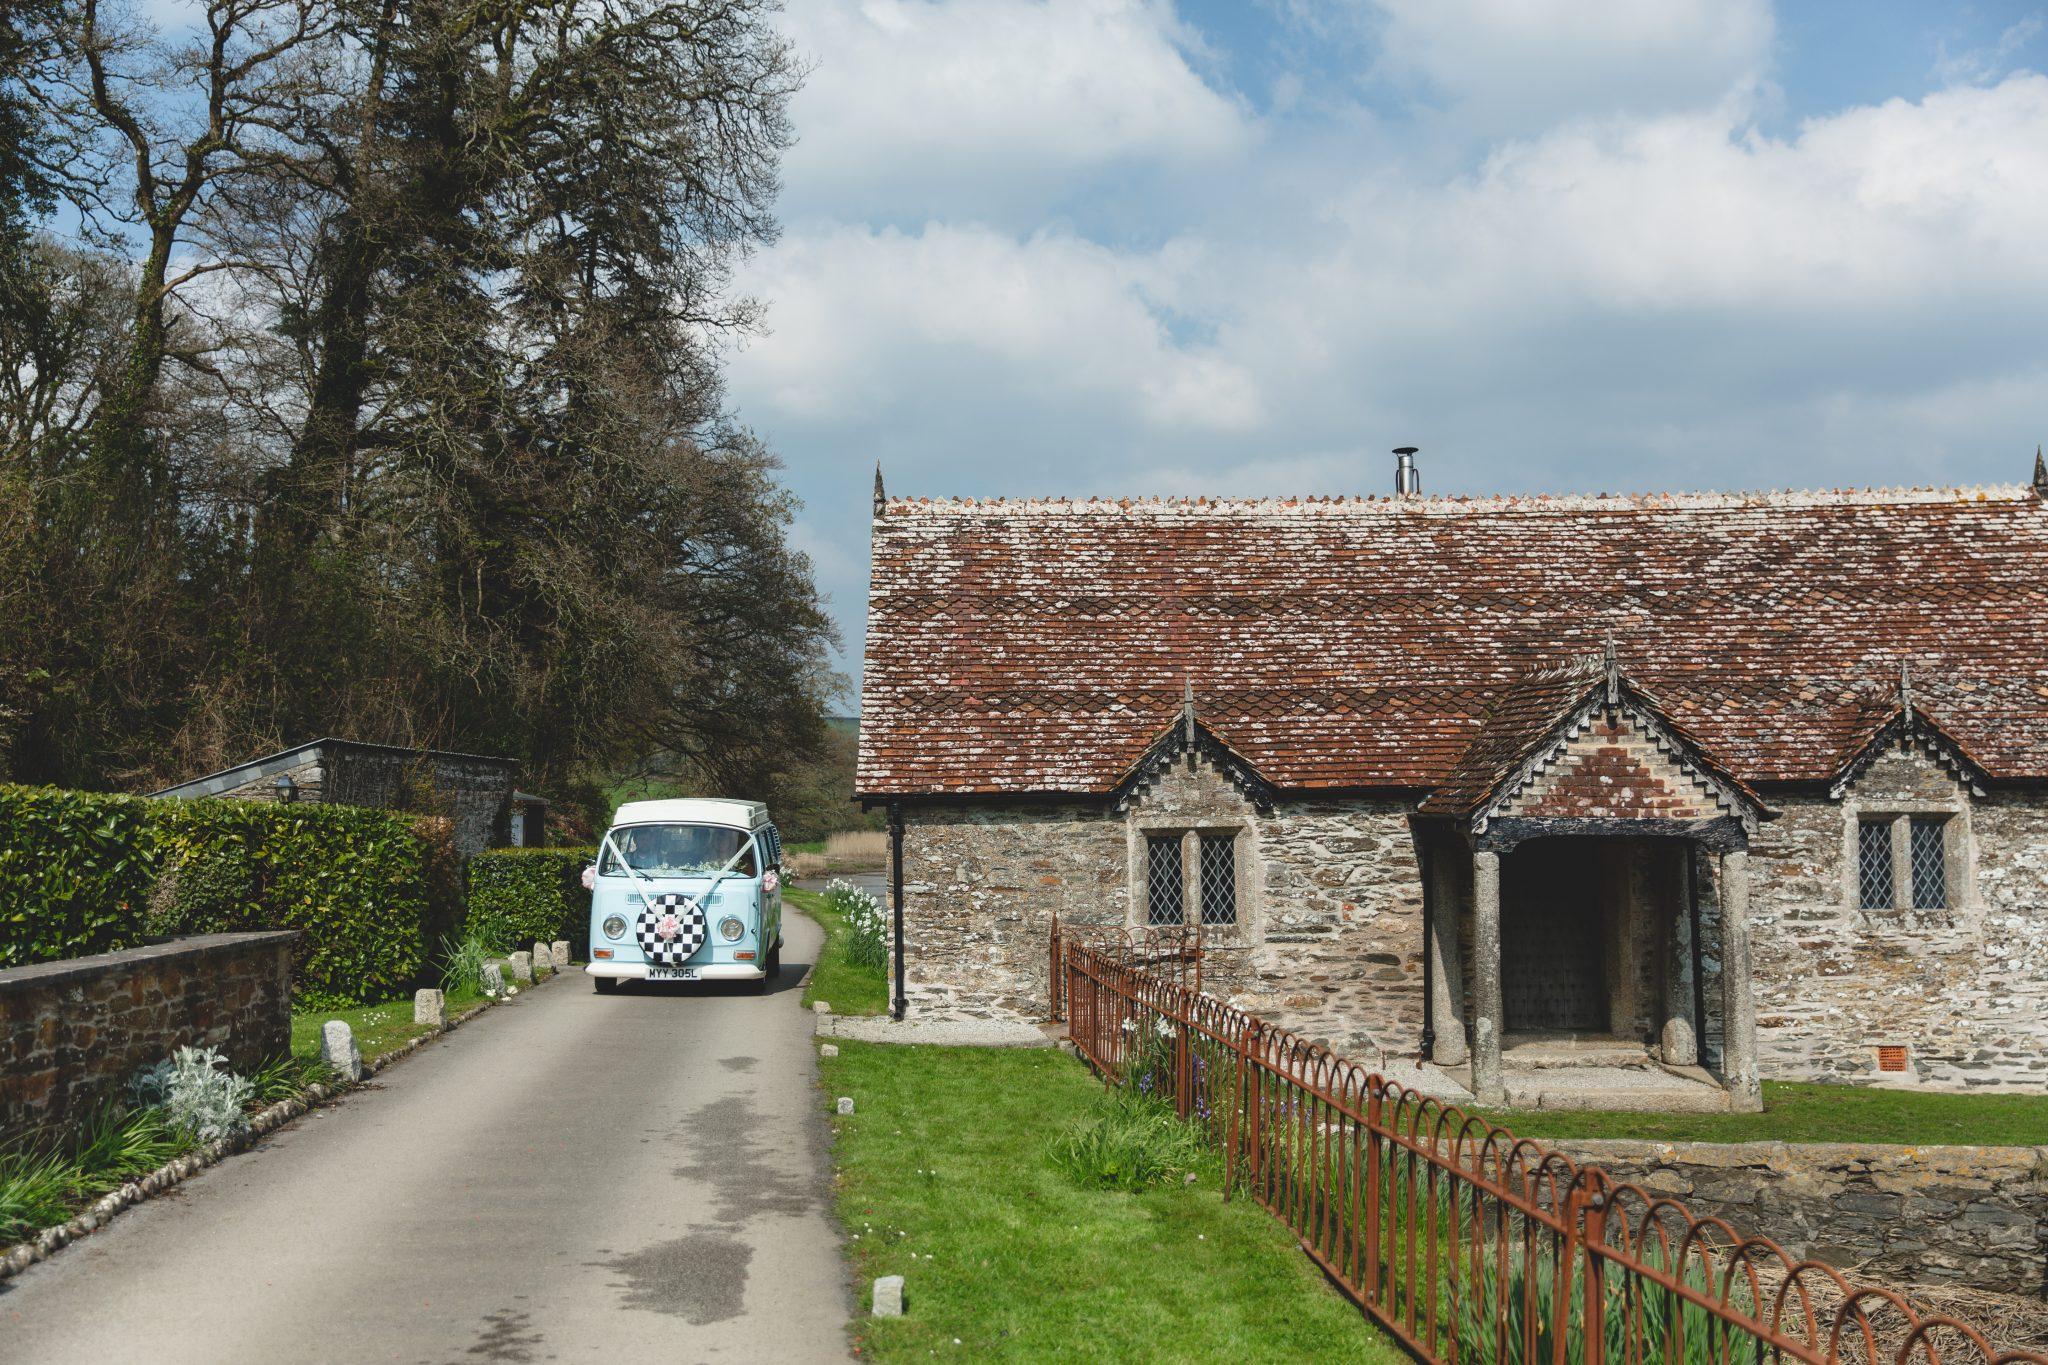 Pentillie Castle Wedding Venue Bathing Hut